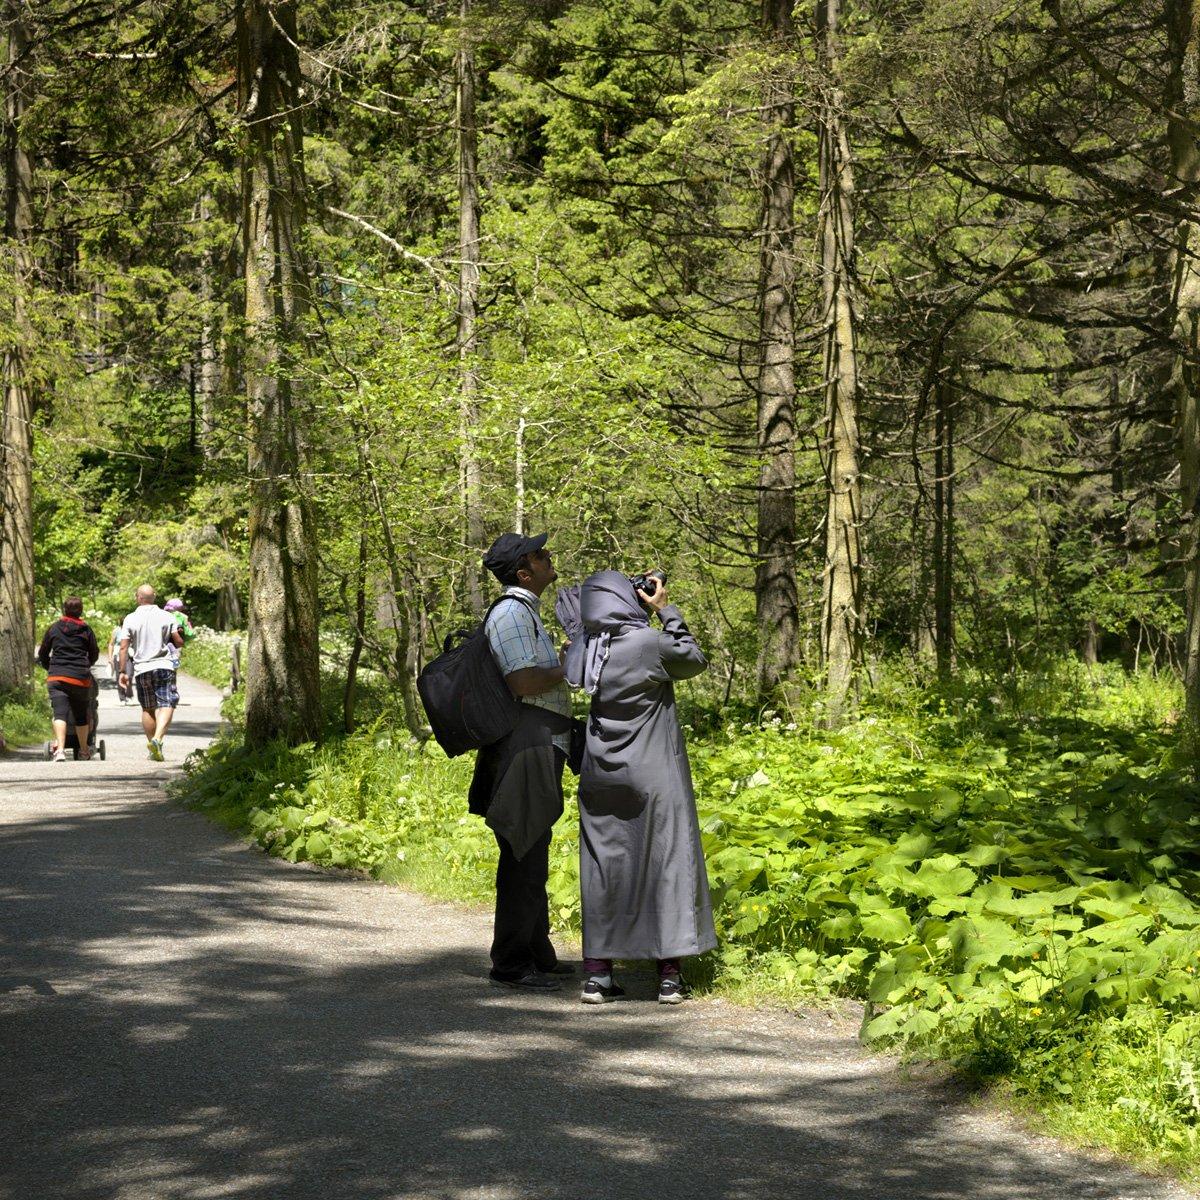 Turistas do Oriente Médio invadem cidade idílica alpina para escapar do calor do verão escaldante 18